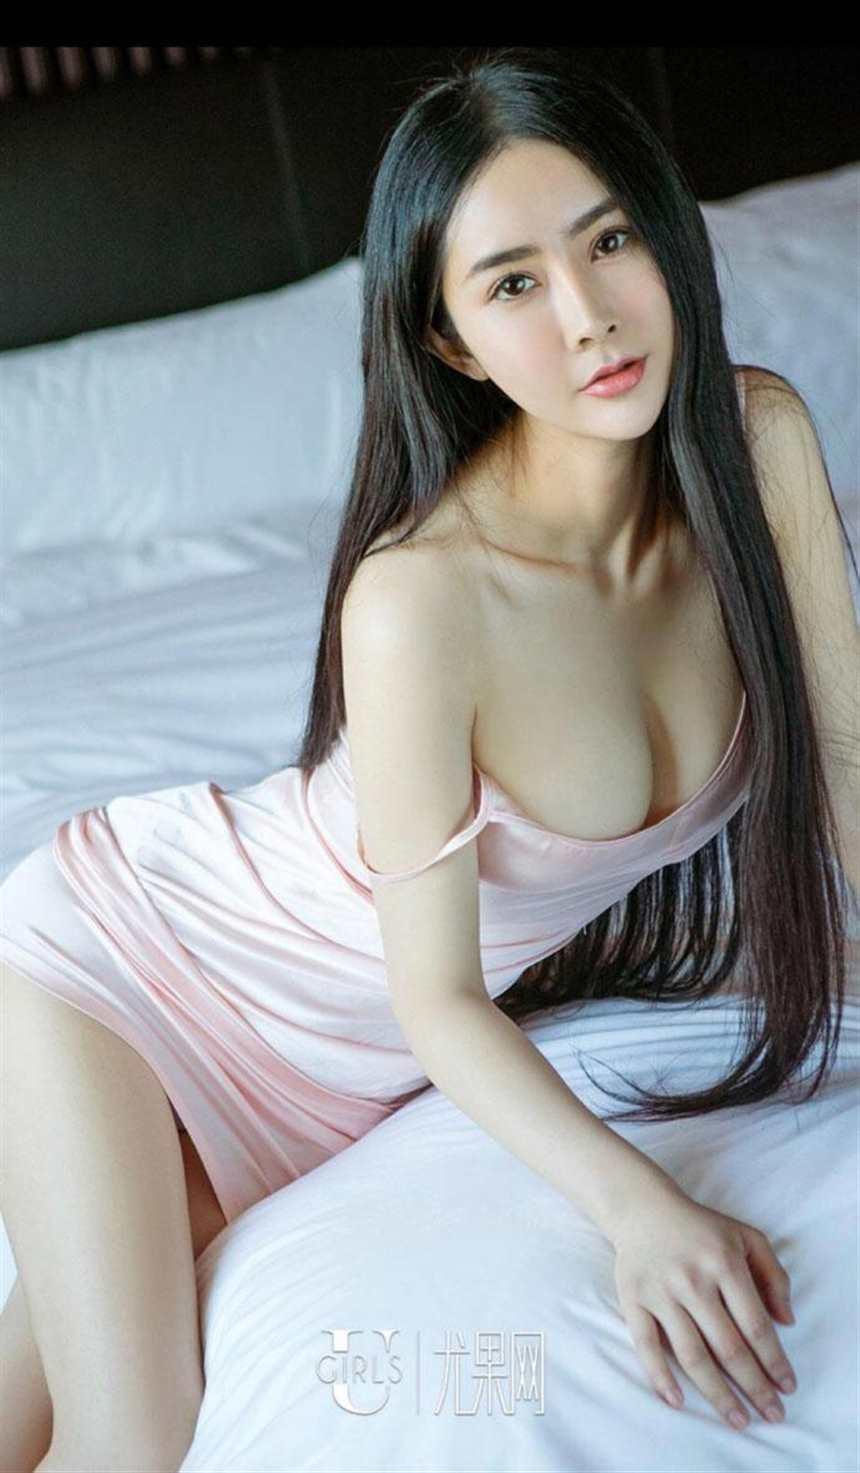 大胸美女蕾丝透视装大胆人体艺术美女写真(点击浏览下一张趣图)